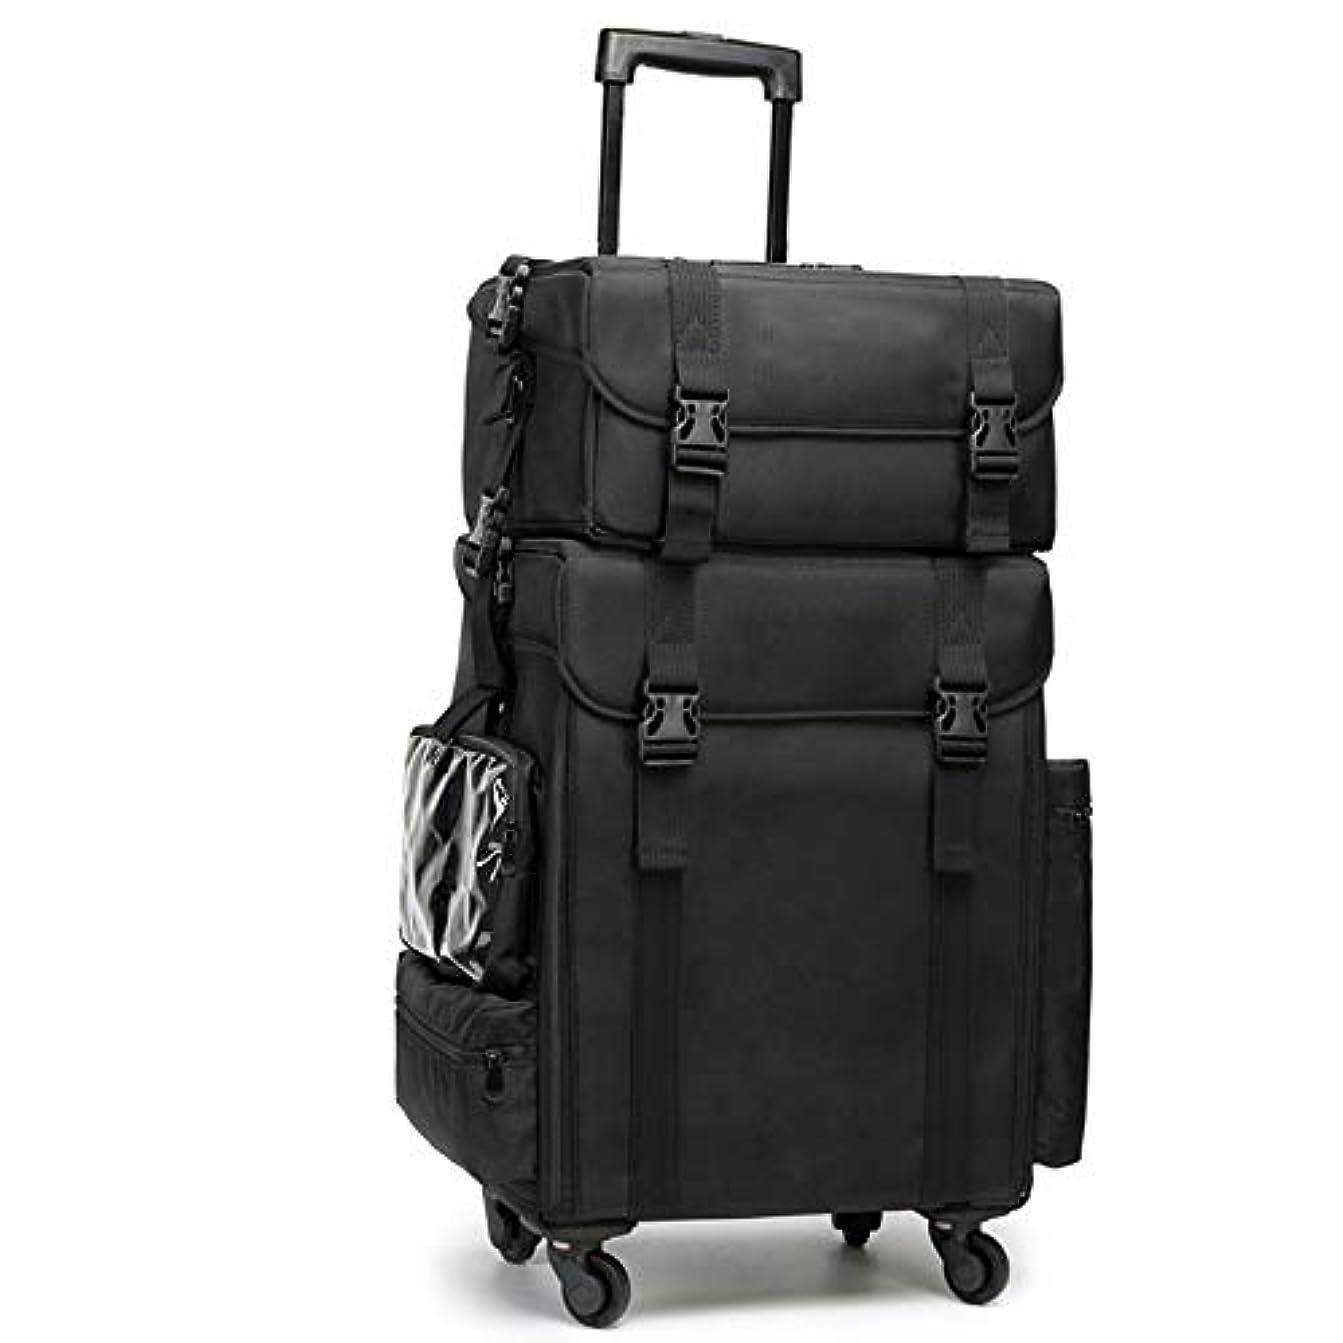 家畜ジャンクション旋回GOGOS メイクボックス 大容量 プロ仕様 コスメボックス スーツケース型 化粧品収納ボックス 美容師 アーティスト バッグ ケース 4輪 キャスター付き 防水 出張 携帯 便利